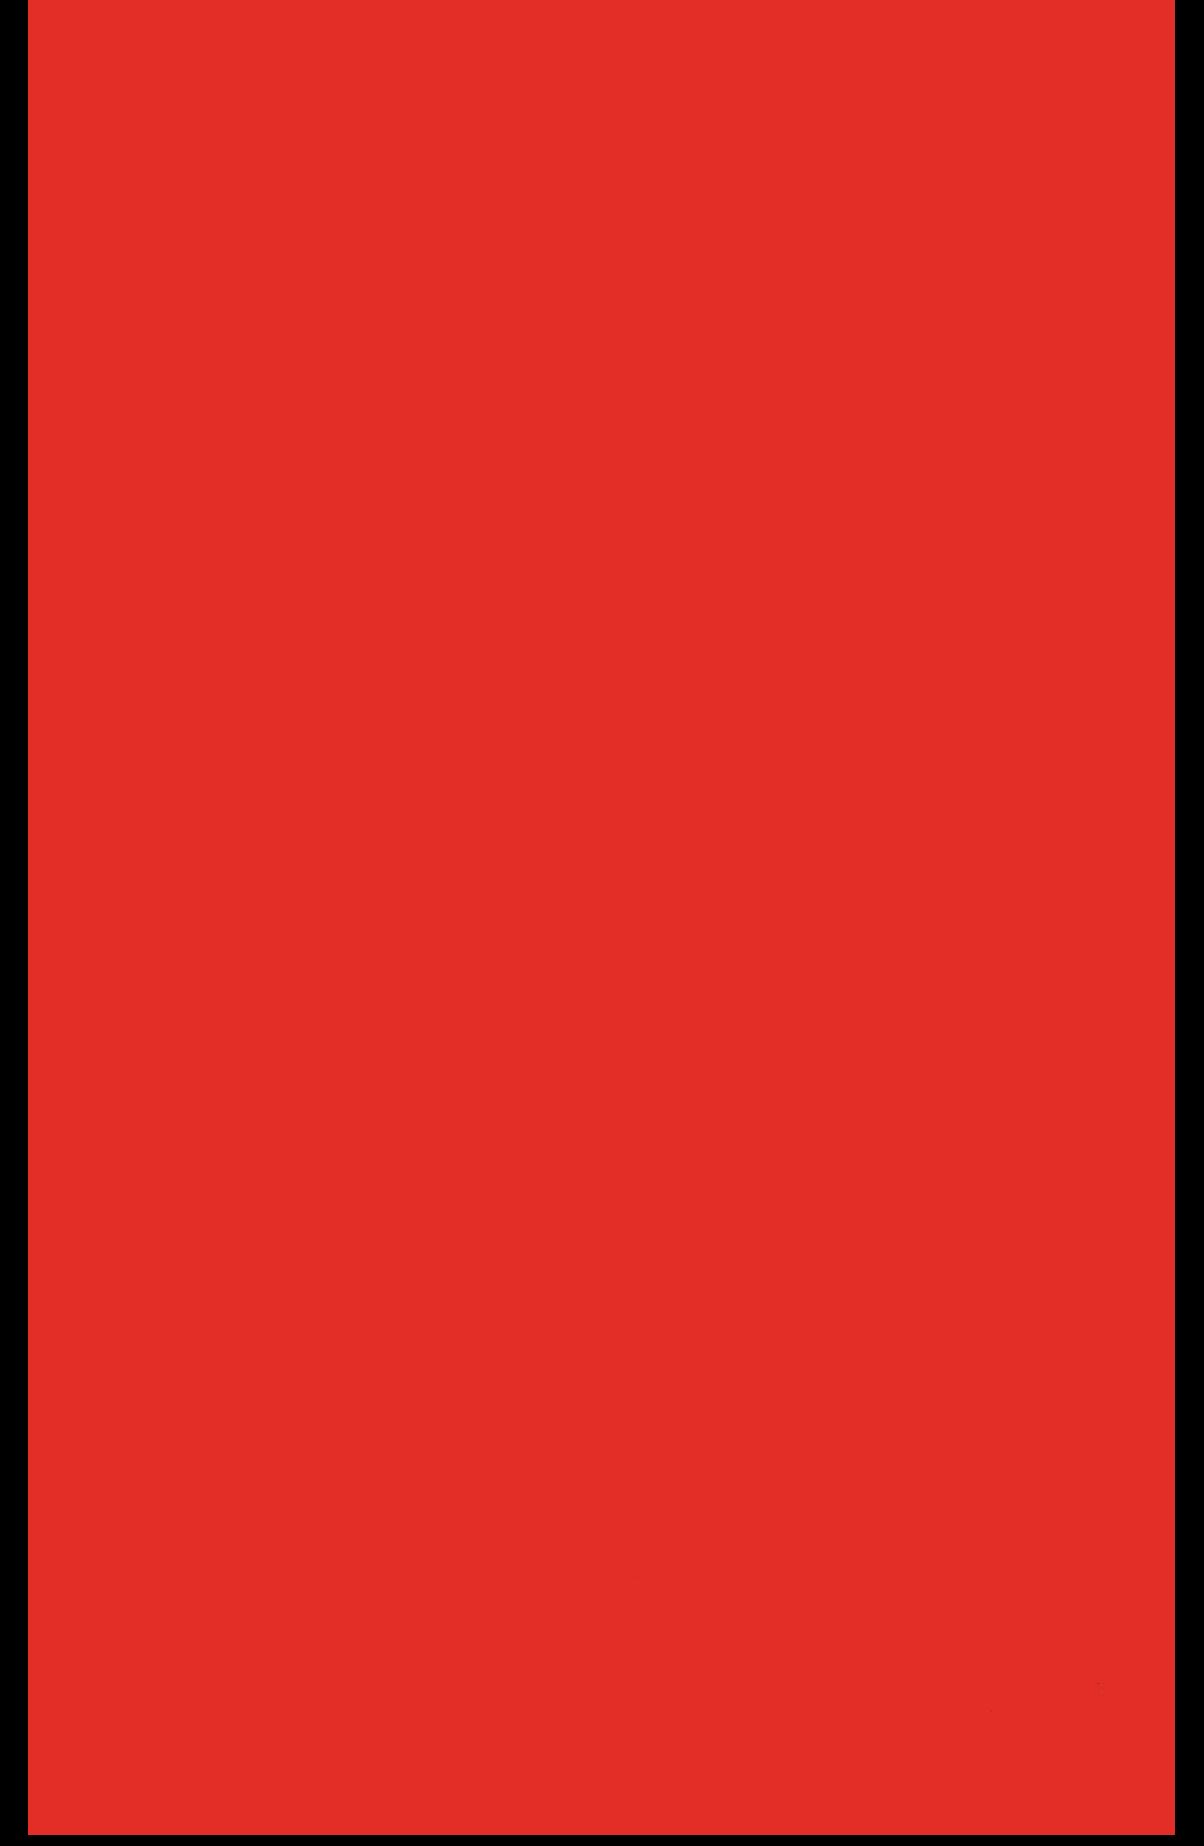 Školní logo